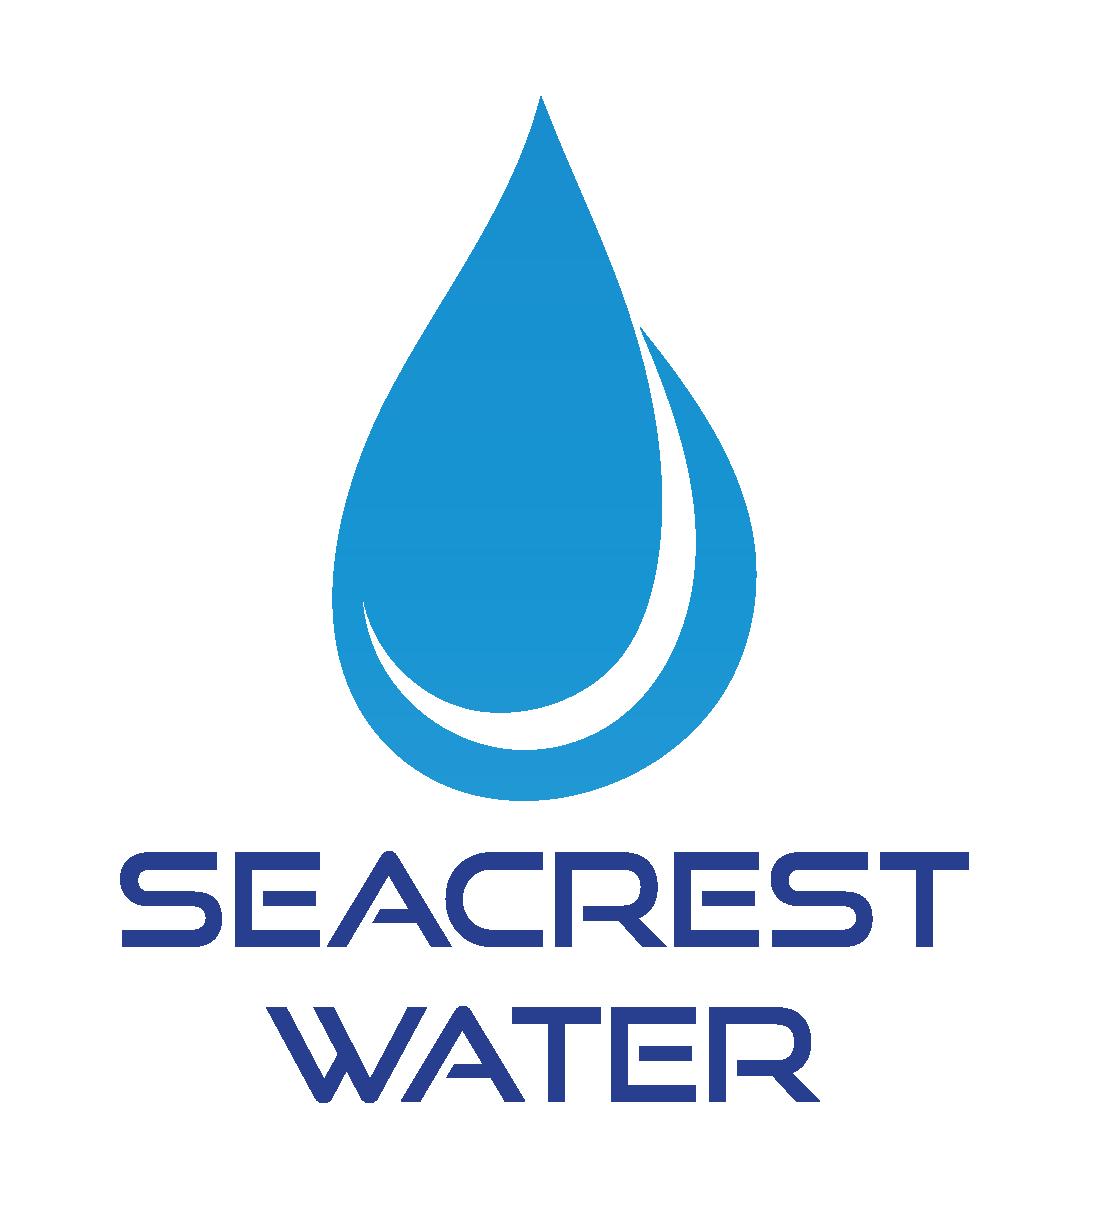 Seacrest Water